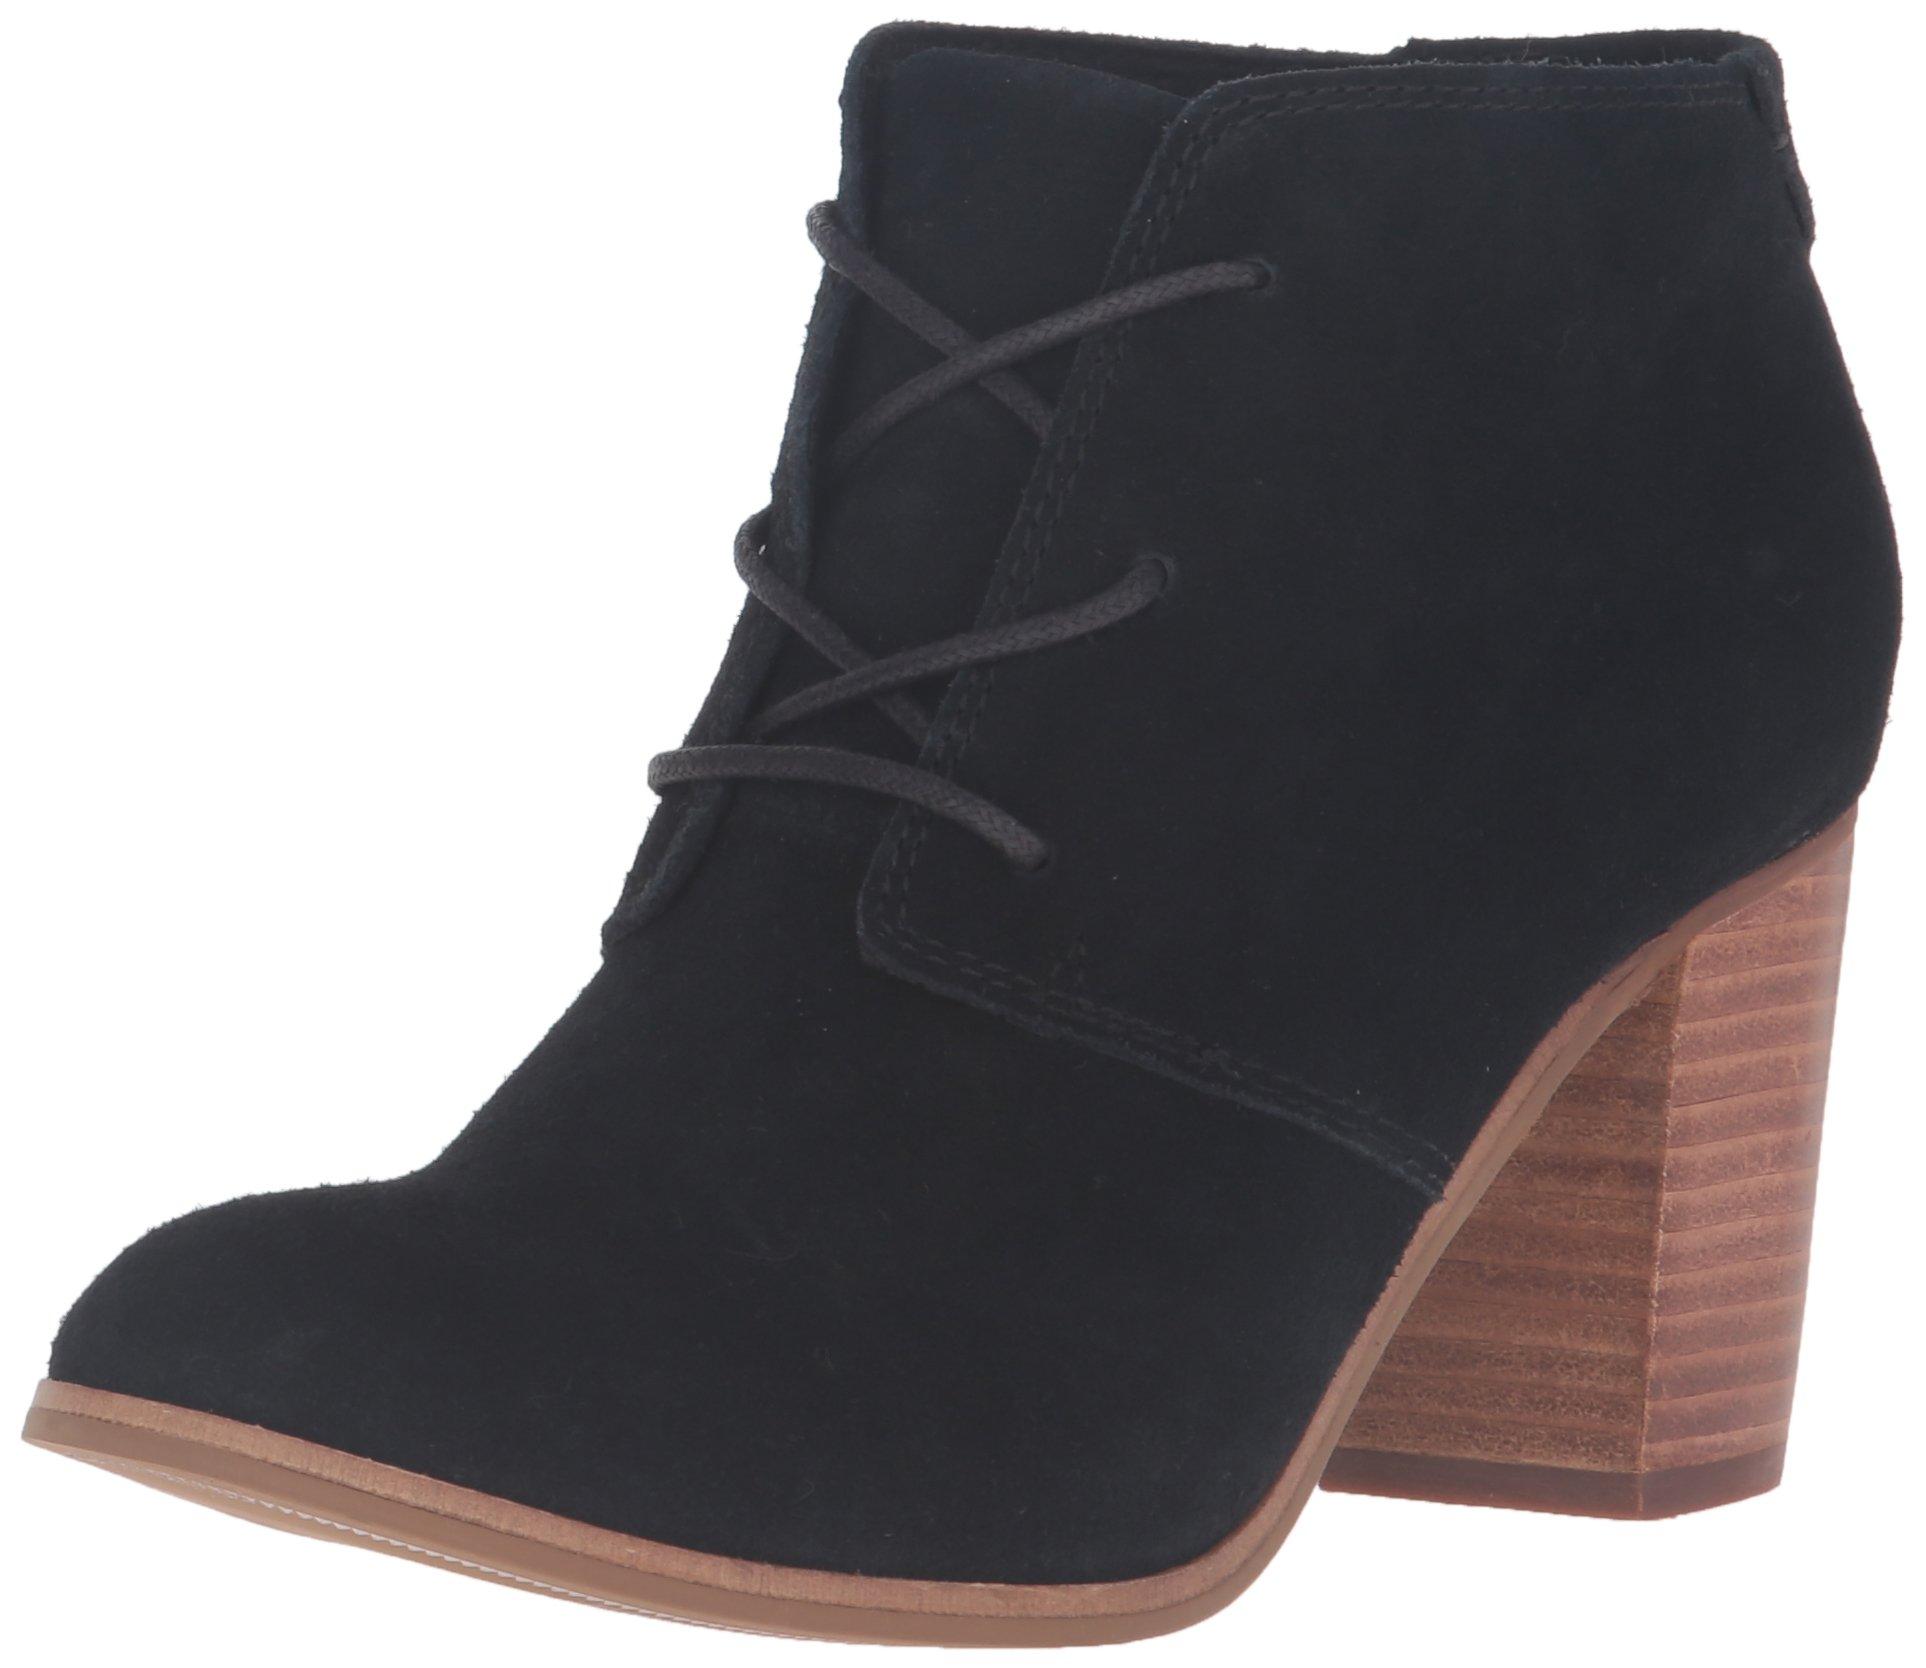 TOMS Women's Lunata Lace-Up Bootie Black Suede Boot 5.5 B (M)